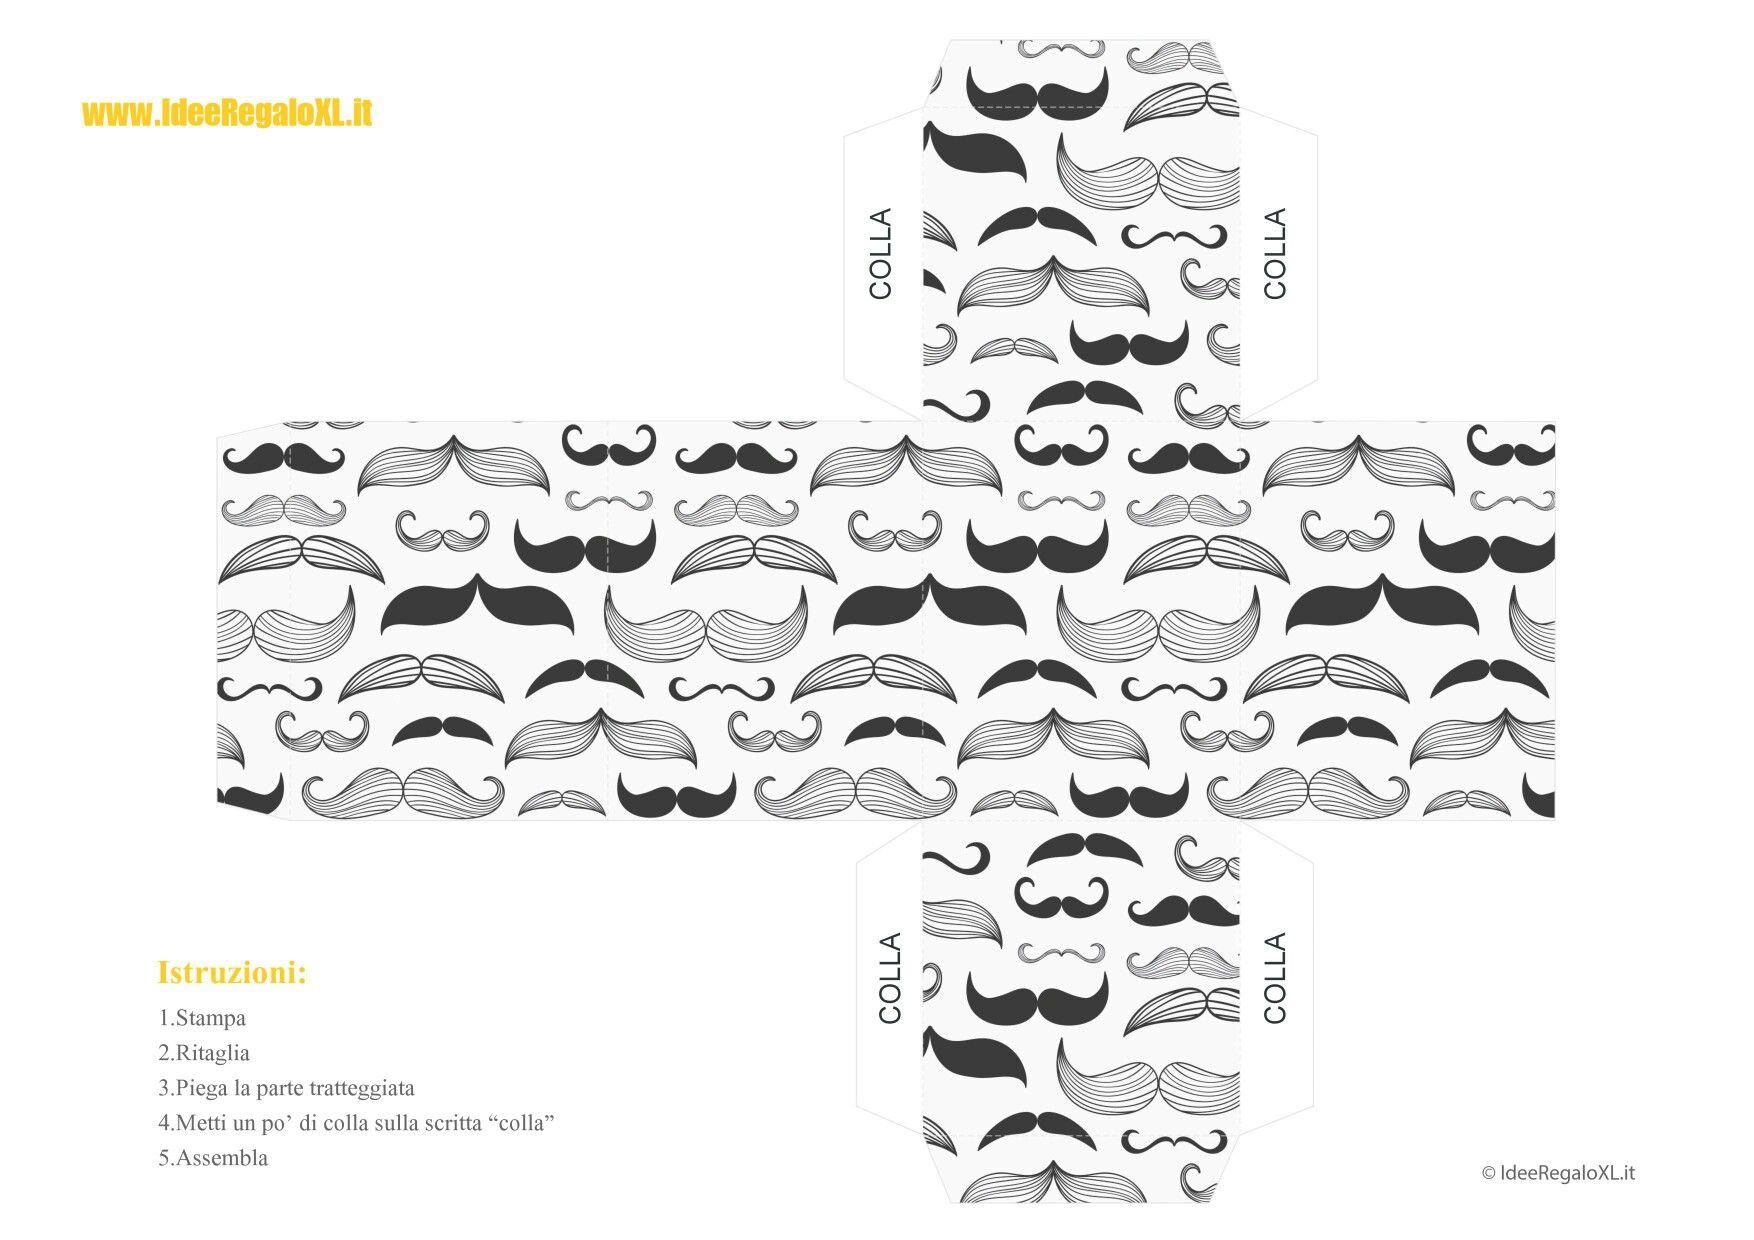 Cajita cubo bigotes